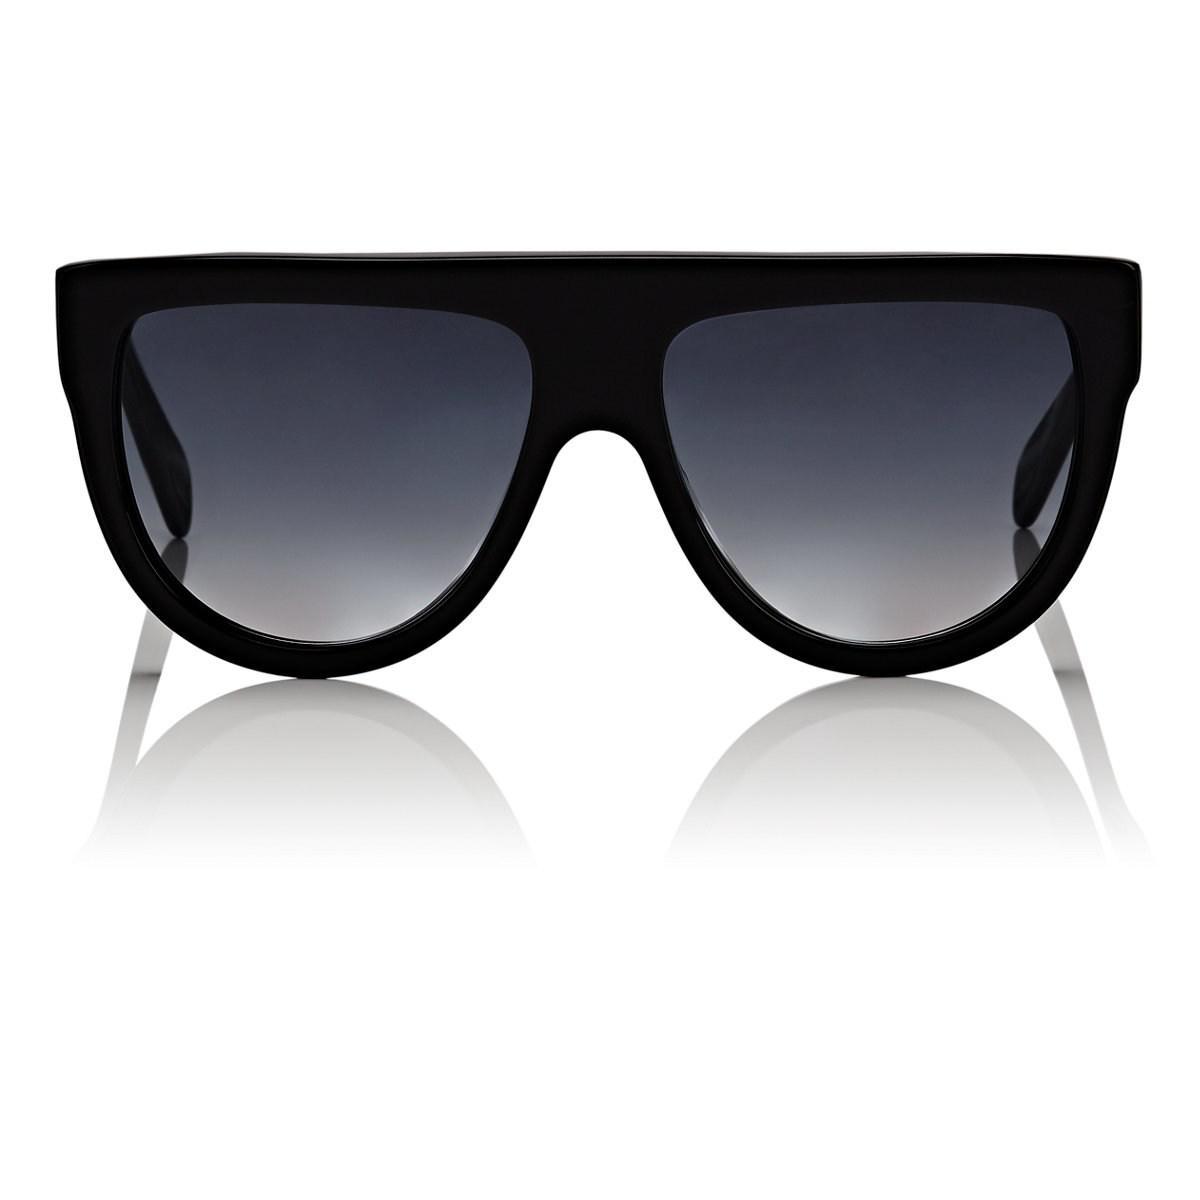 7053bf7a017d Lyst - Céline Aviator Sunglasses in Black